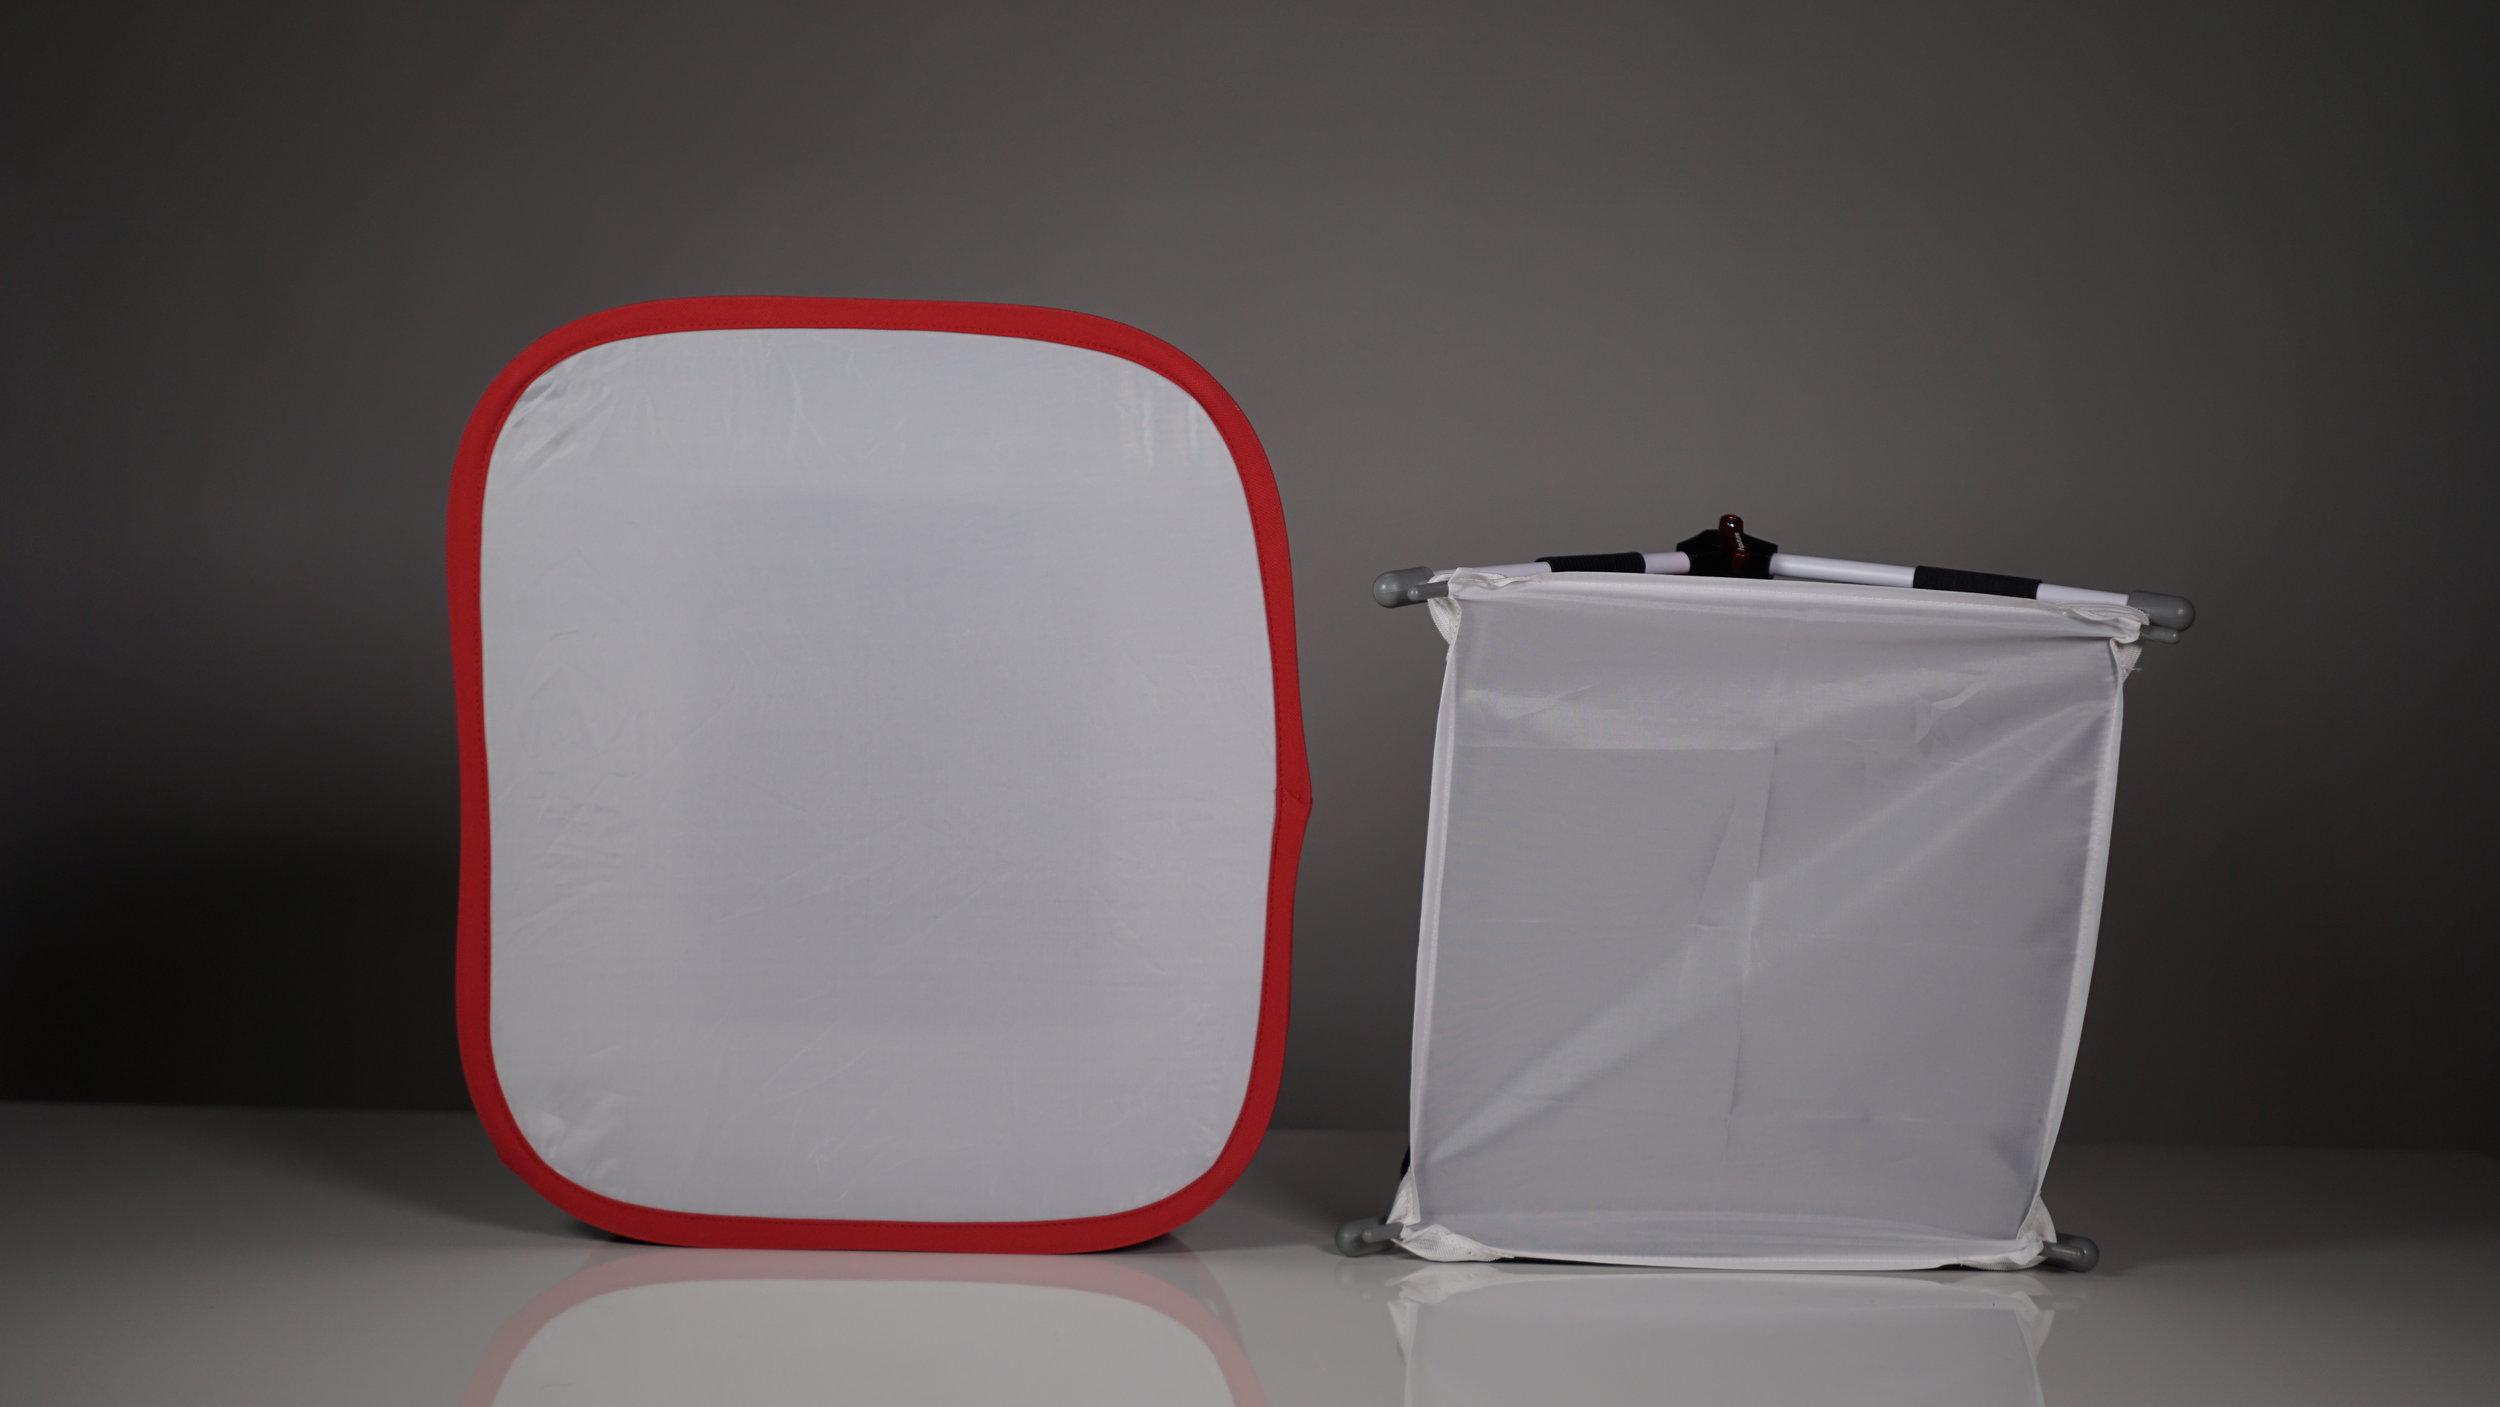 Kamerar D-Fuse on the left, Aputure EZ box on the right.